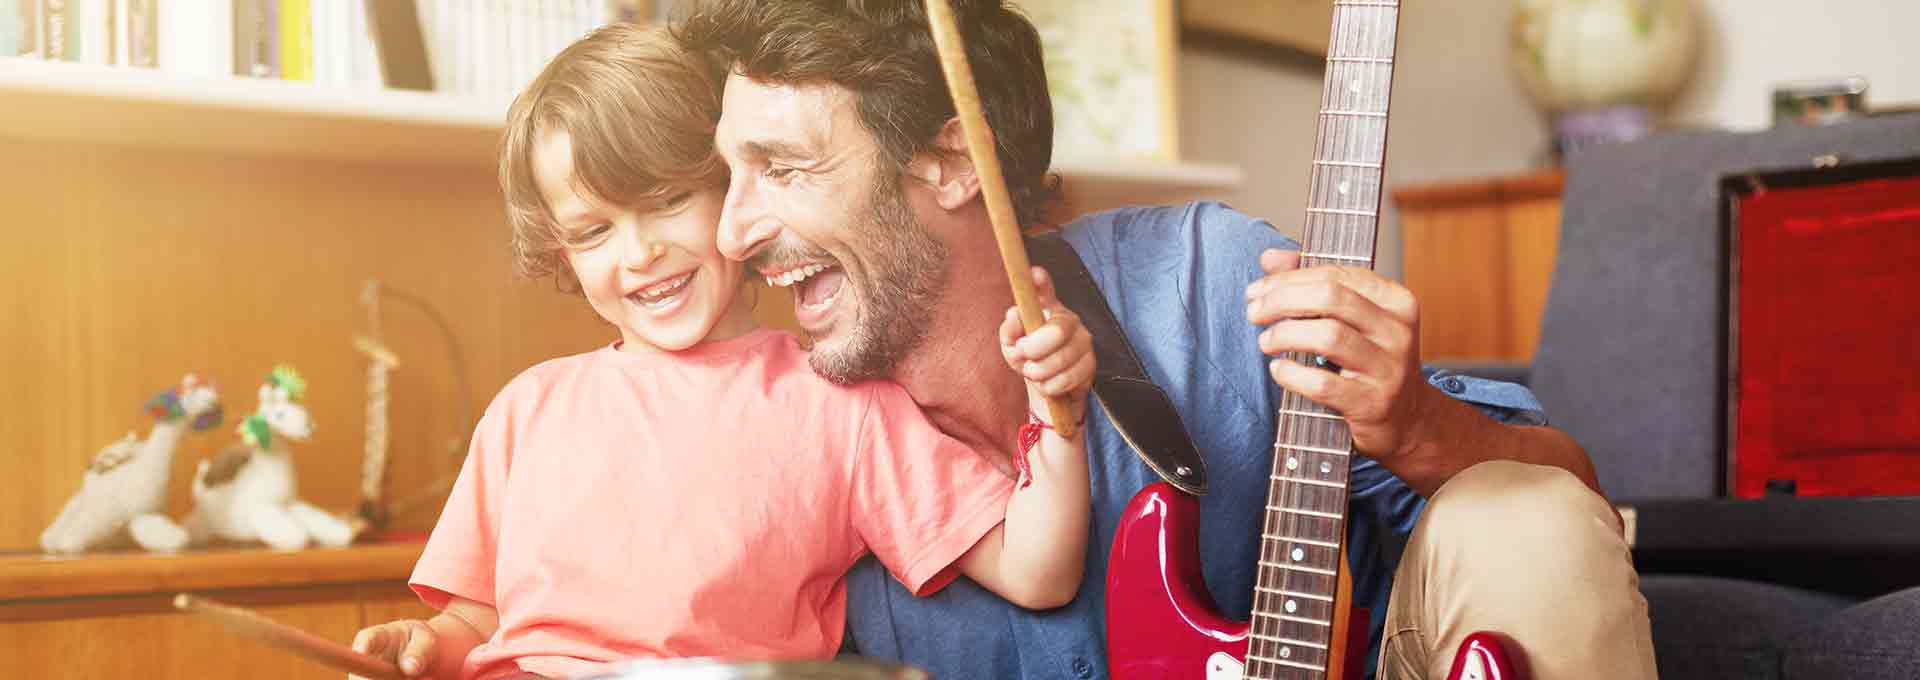 Отец и аппаратами Бернафон Viron играет на гитаре с сыном.